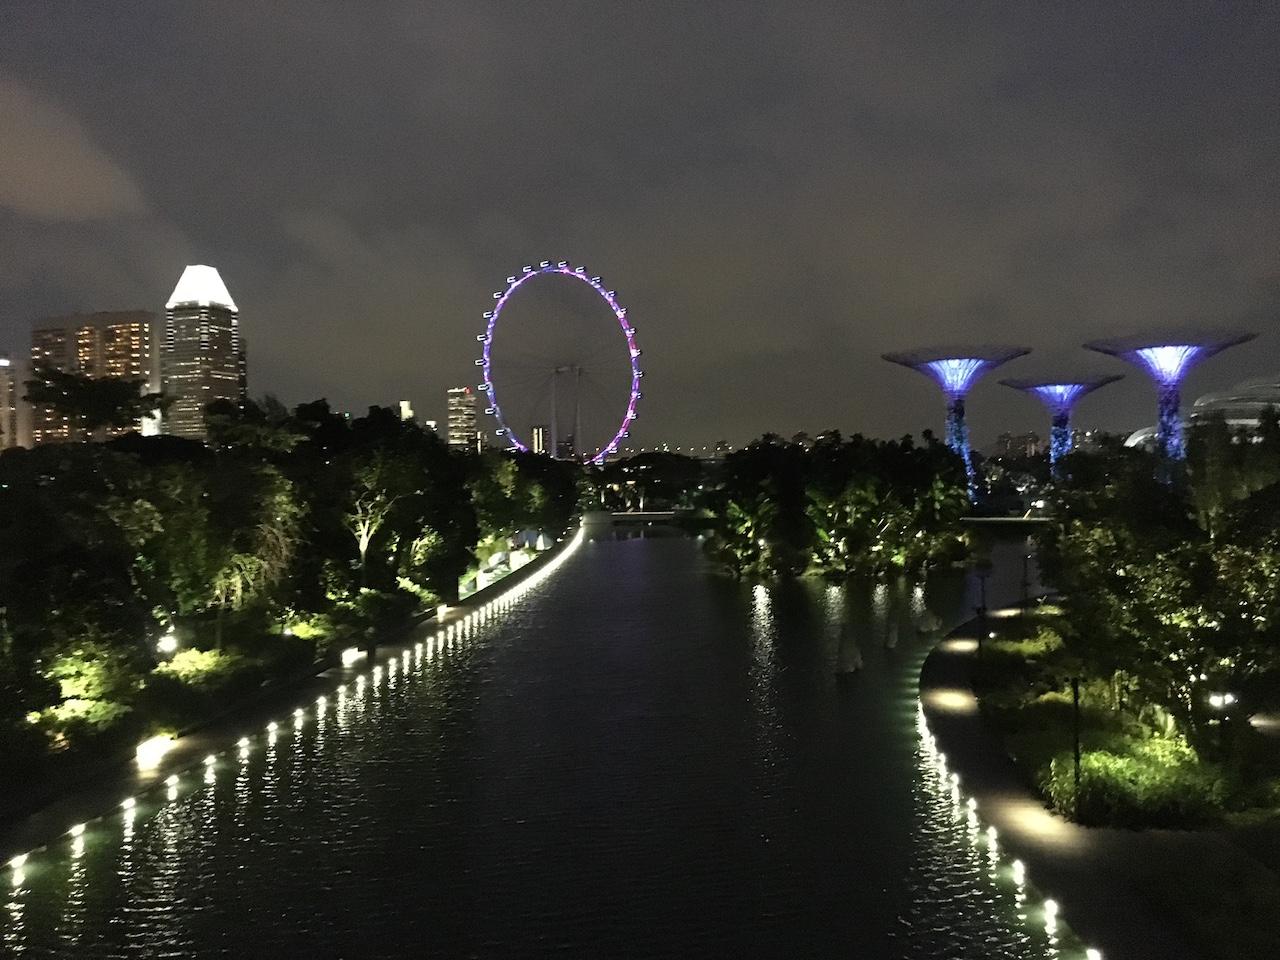 Singapura mistura extrema modernidade, com lugar antigos e muito verde e parques.